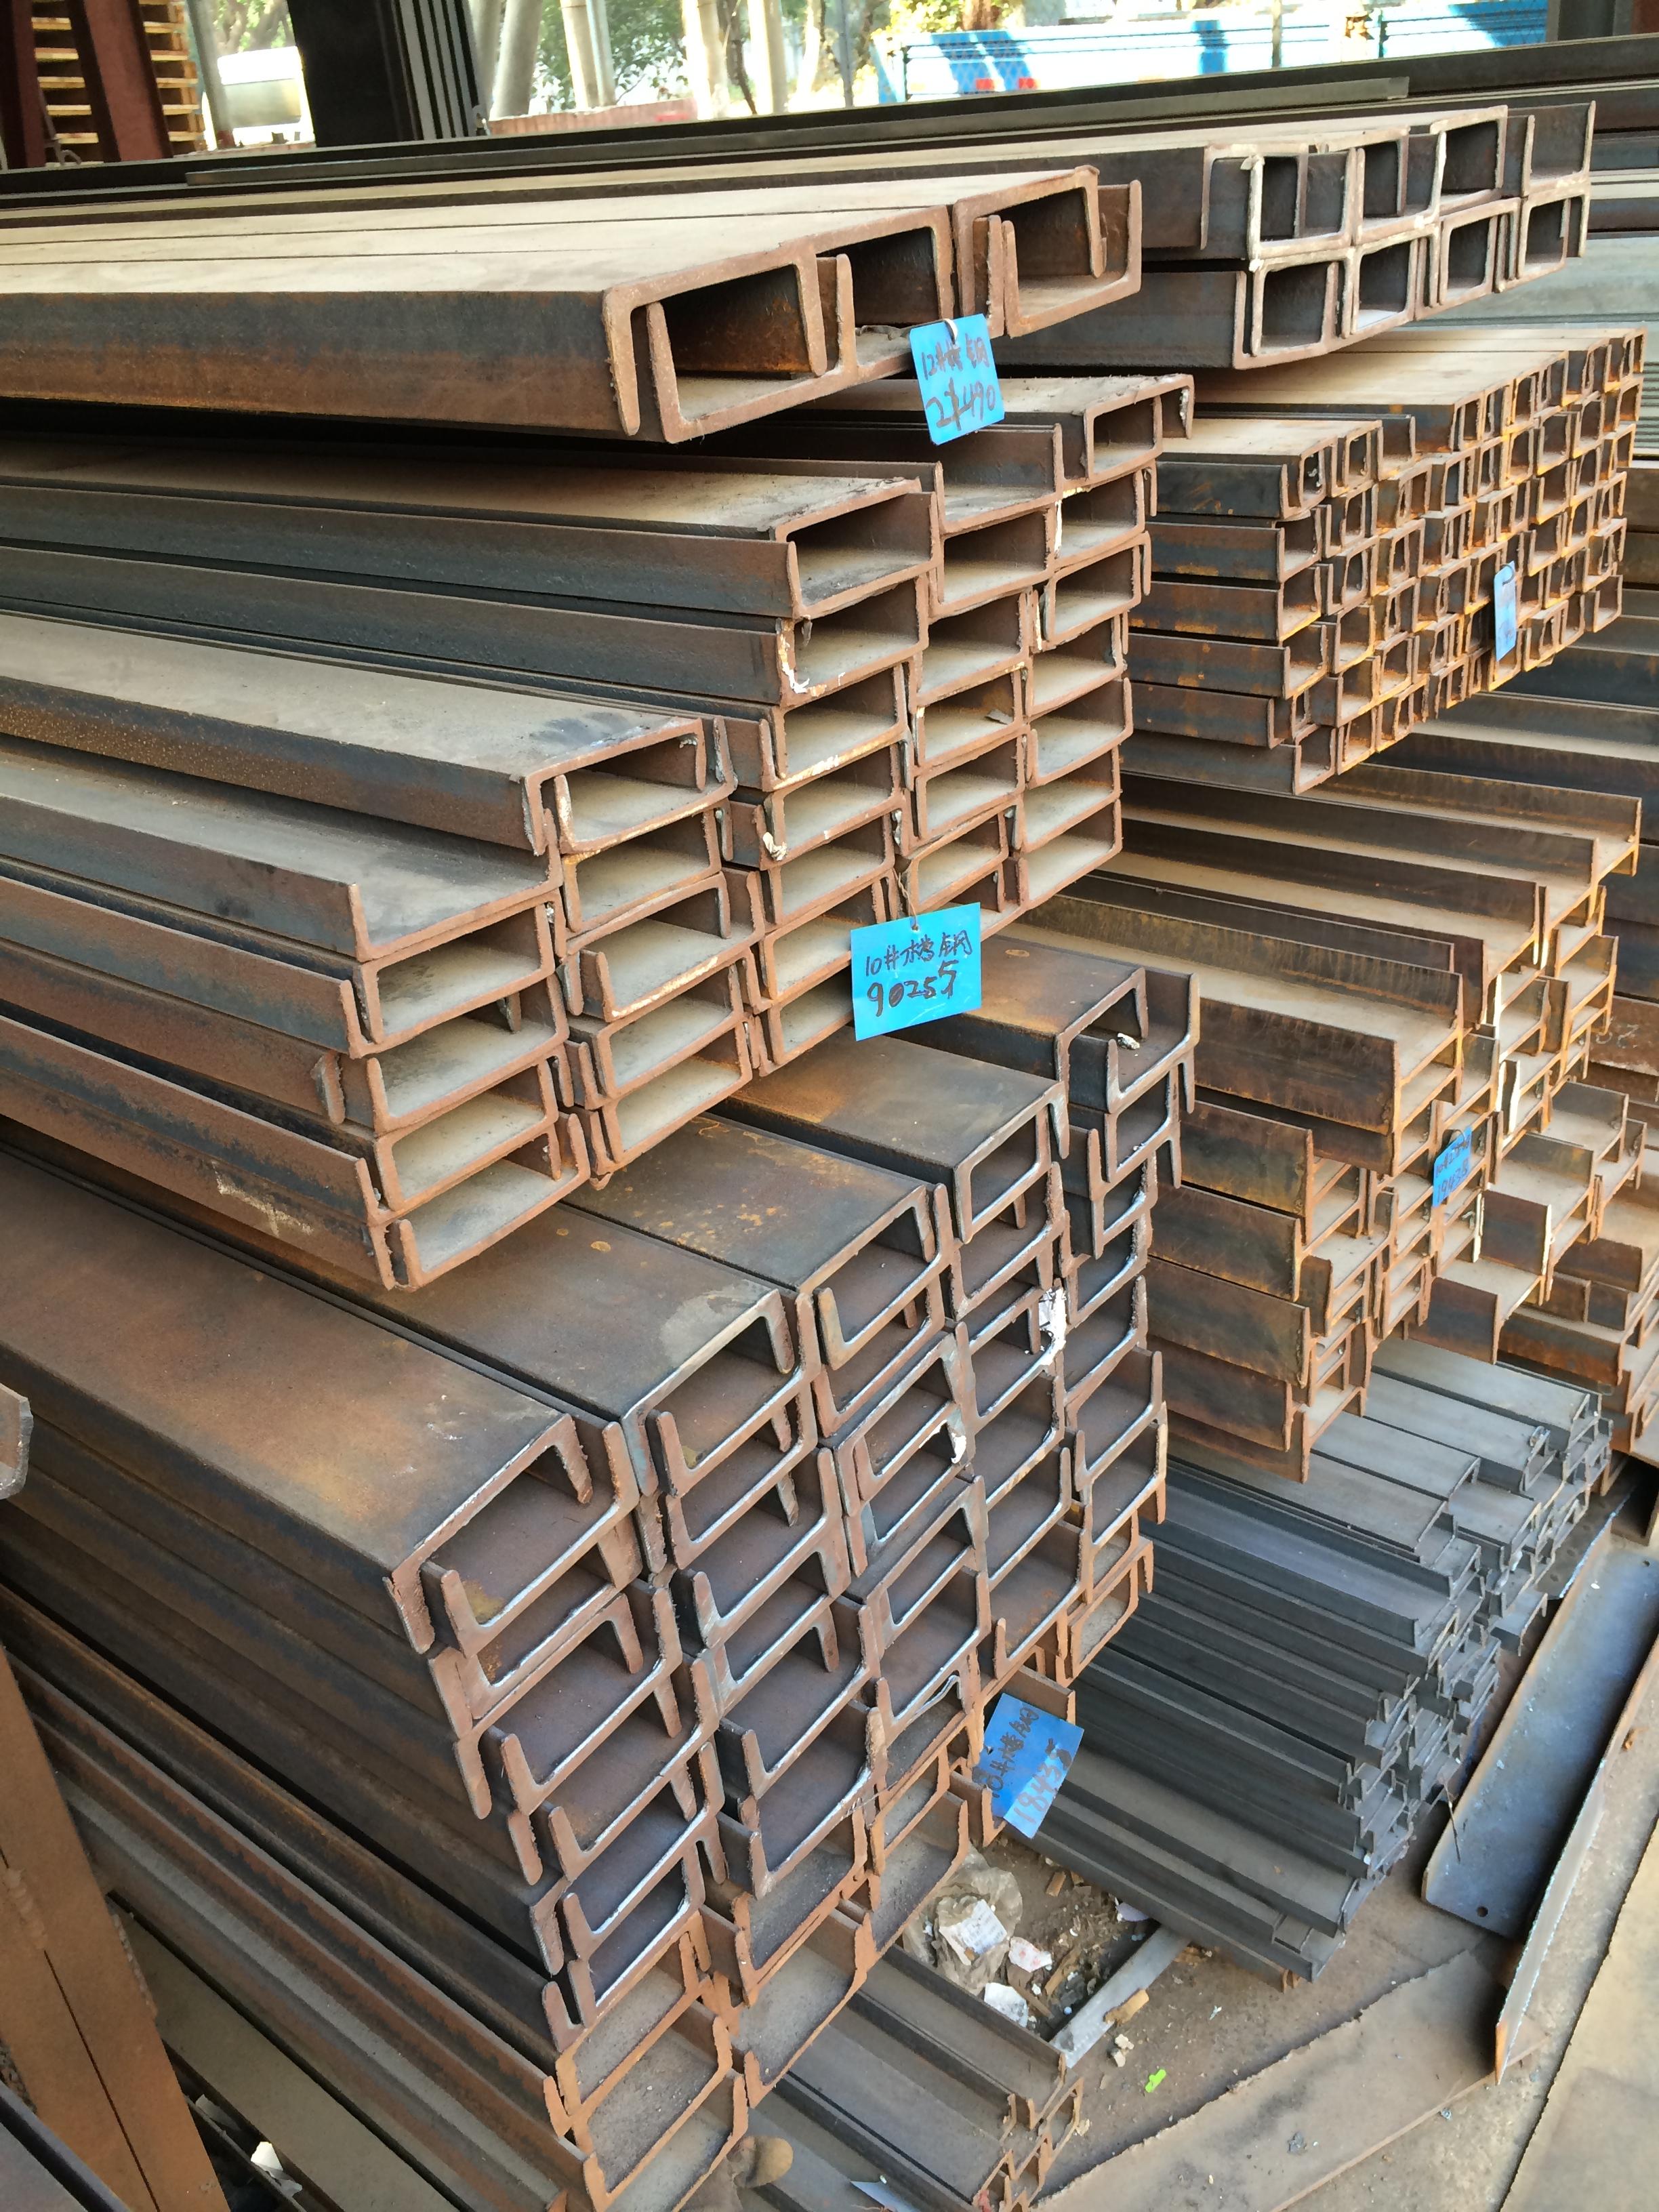 槽钢价格,槽钢厂家,槽钢优质供应,槽钢相关信息,槽钢哪里有卖,槽钢规格